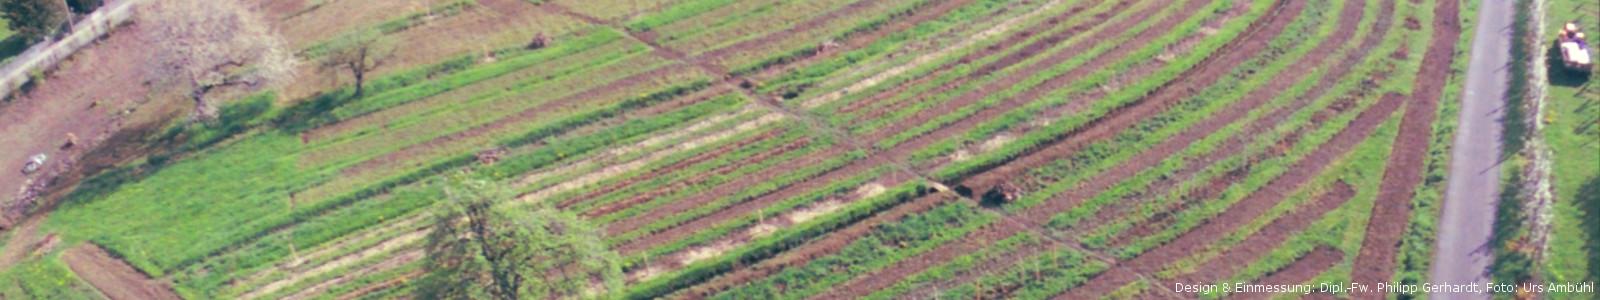 Keyline Design für SoLaWi minga.ch, Diplom-Forstwirt Philipp Gerhardt, Agroforstplanung 'baumfeldwirtschaft.de'